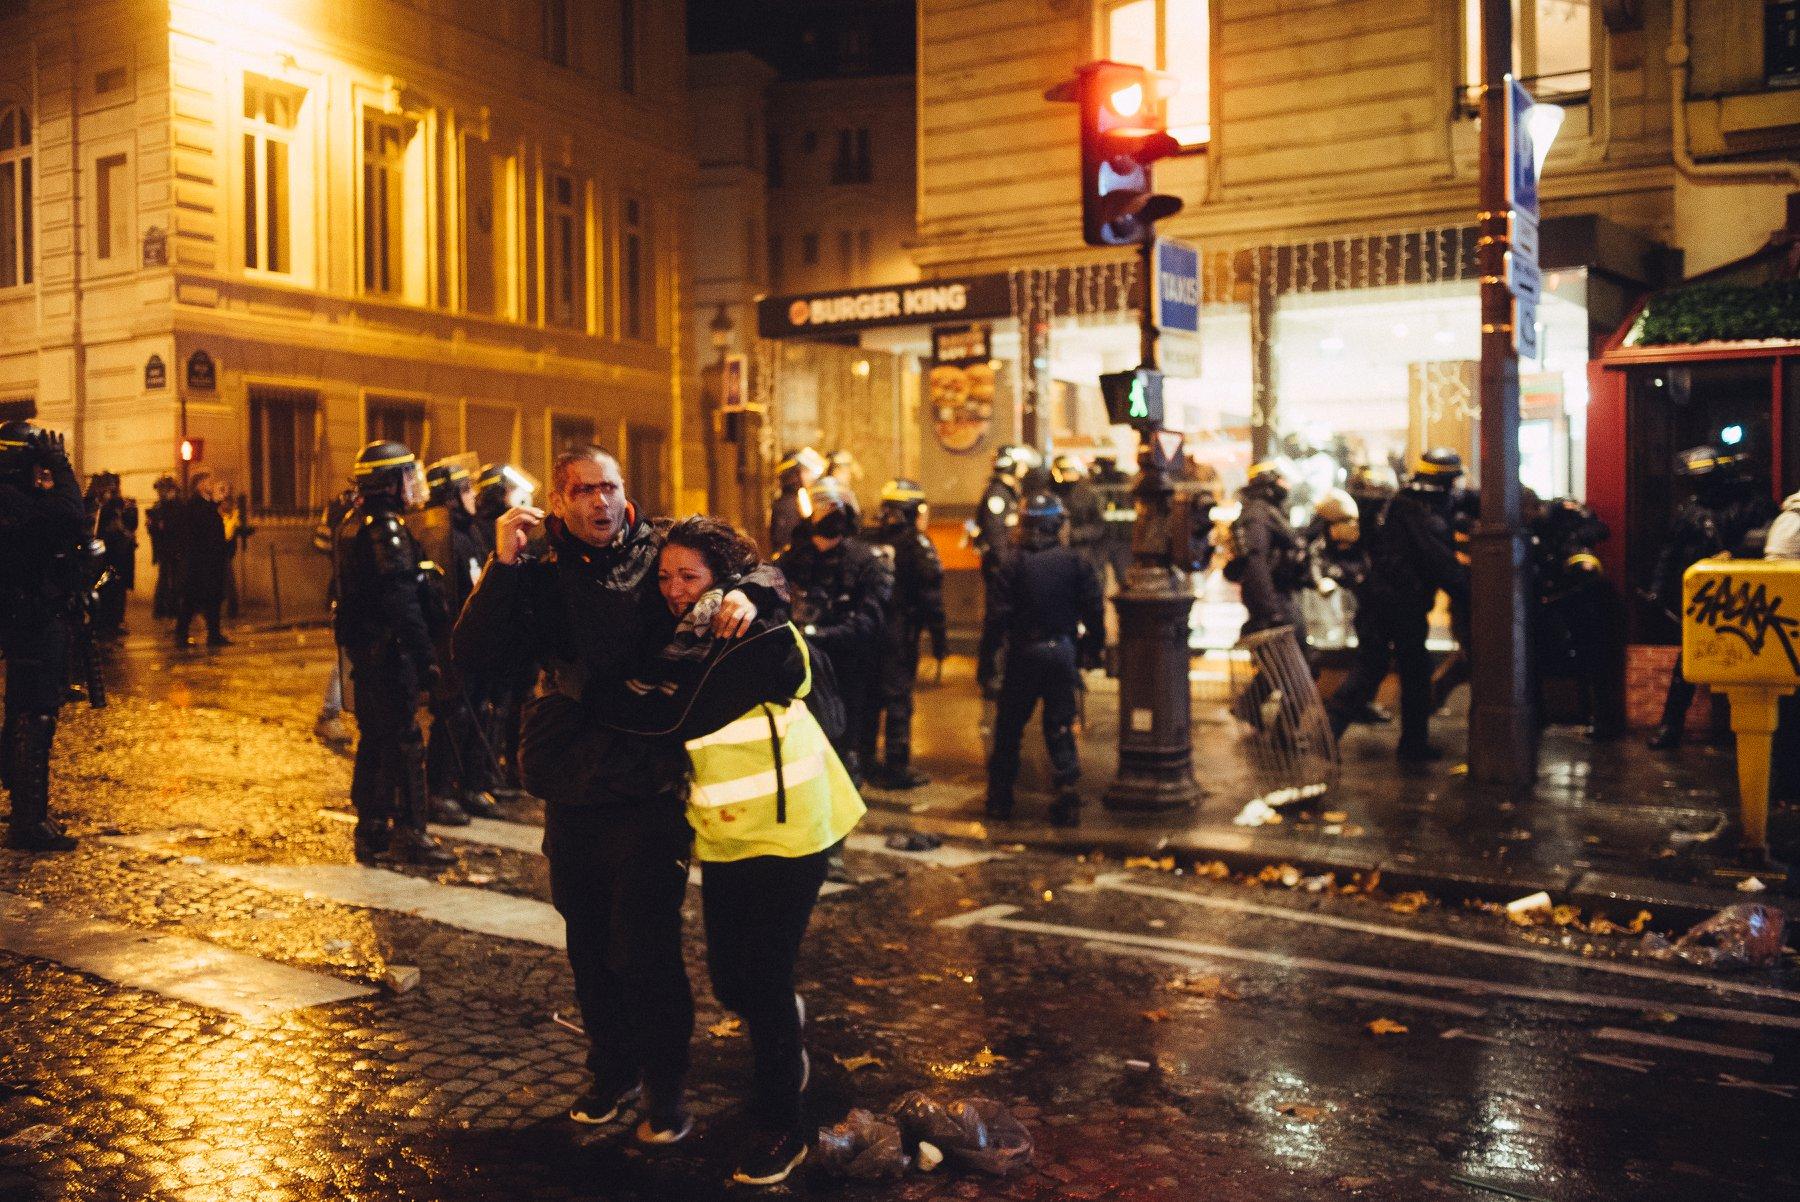 Comment les journaux télévisés traitent des violences policières - Exemple avec le cas de France 2, concernant les tabassages à l'intérieur du Burger King, le 1er décembre